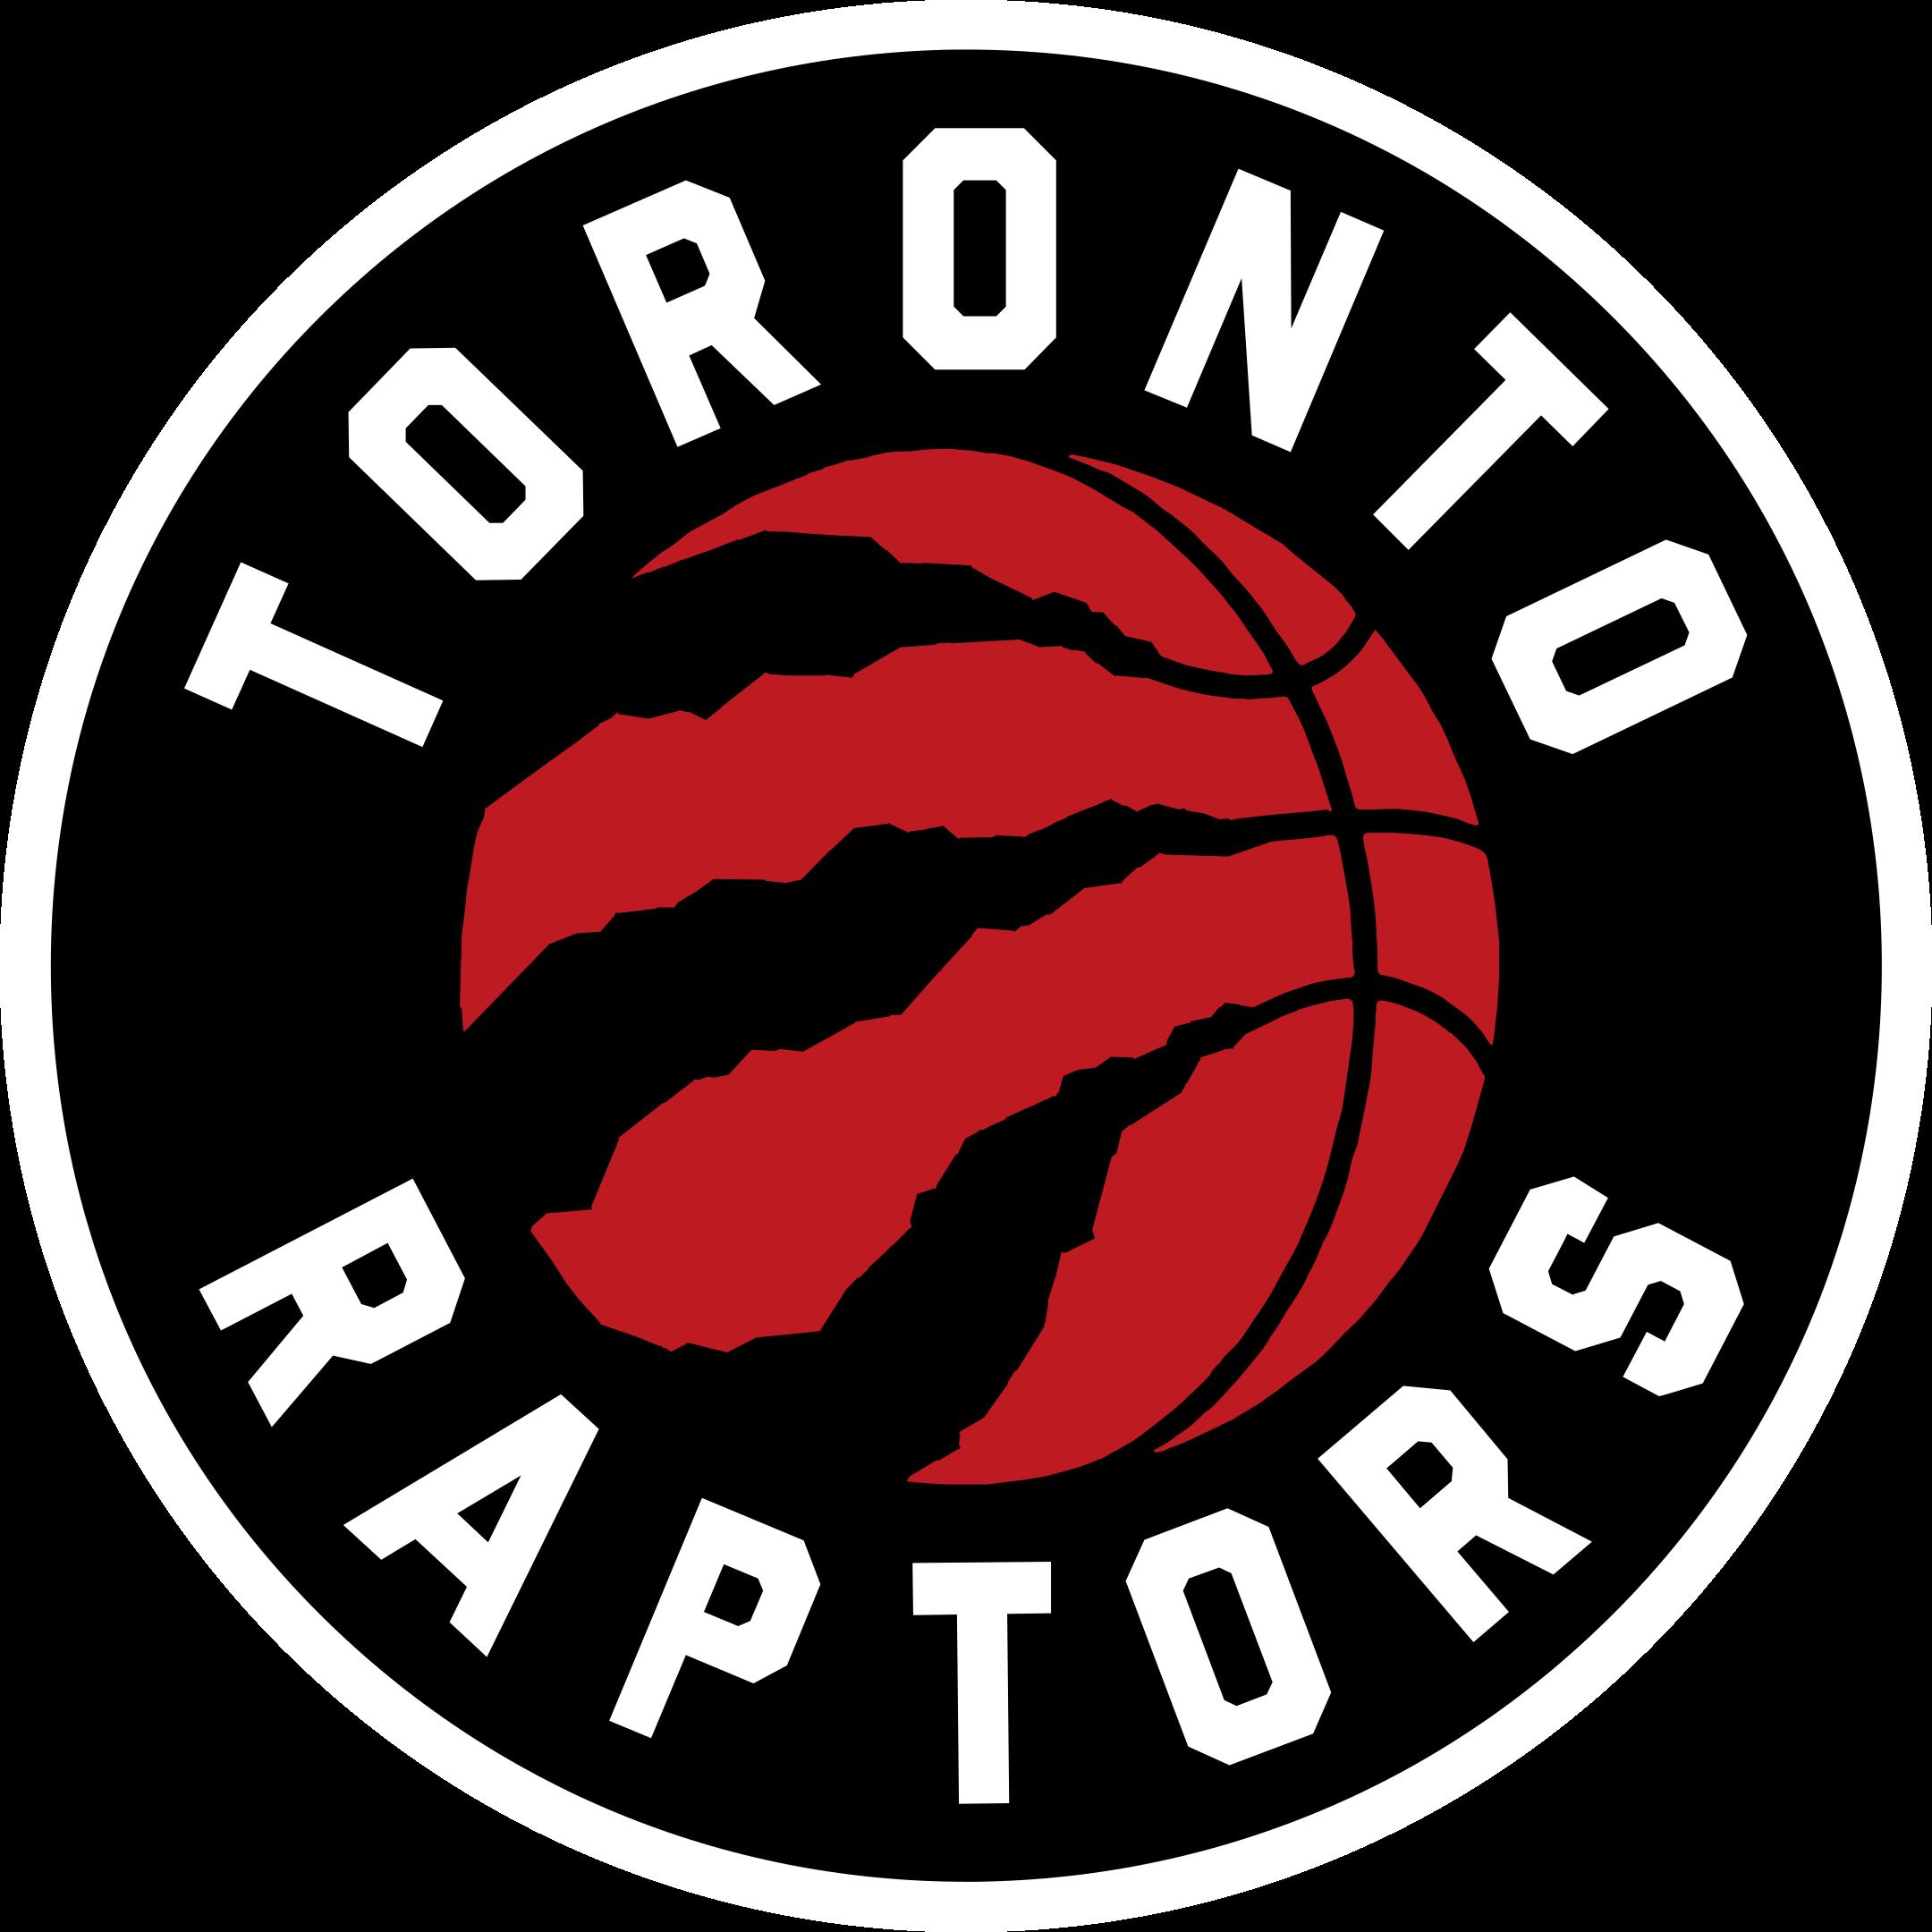 toronto raptors logo 1 1 - Toronto Raptors Logo